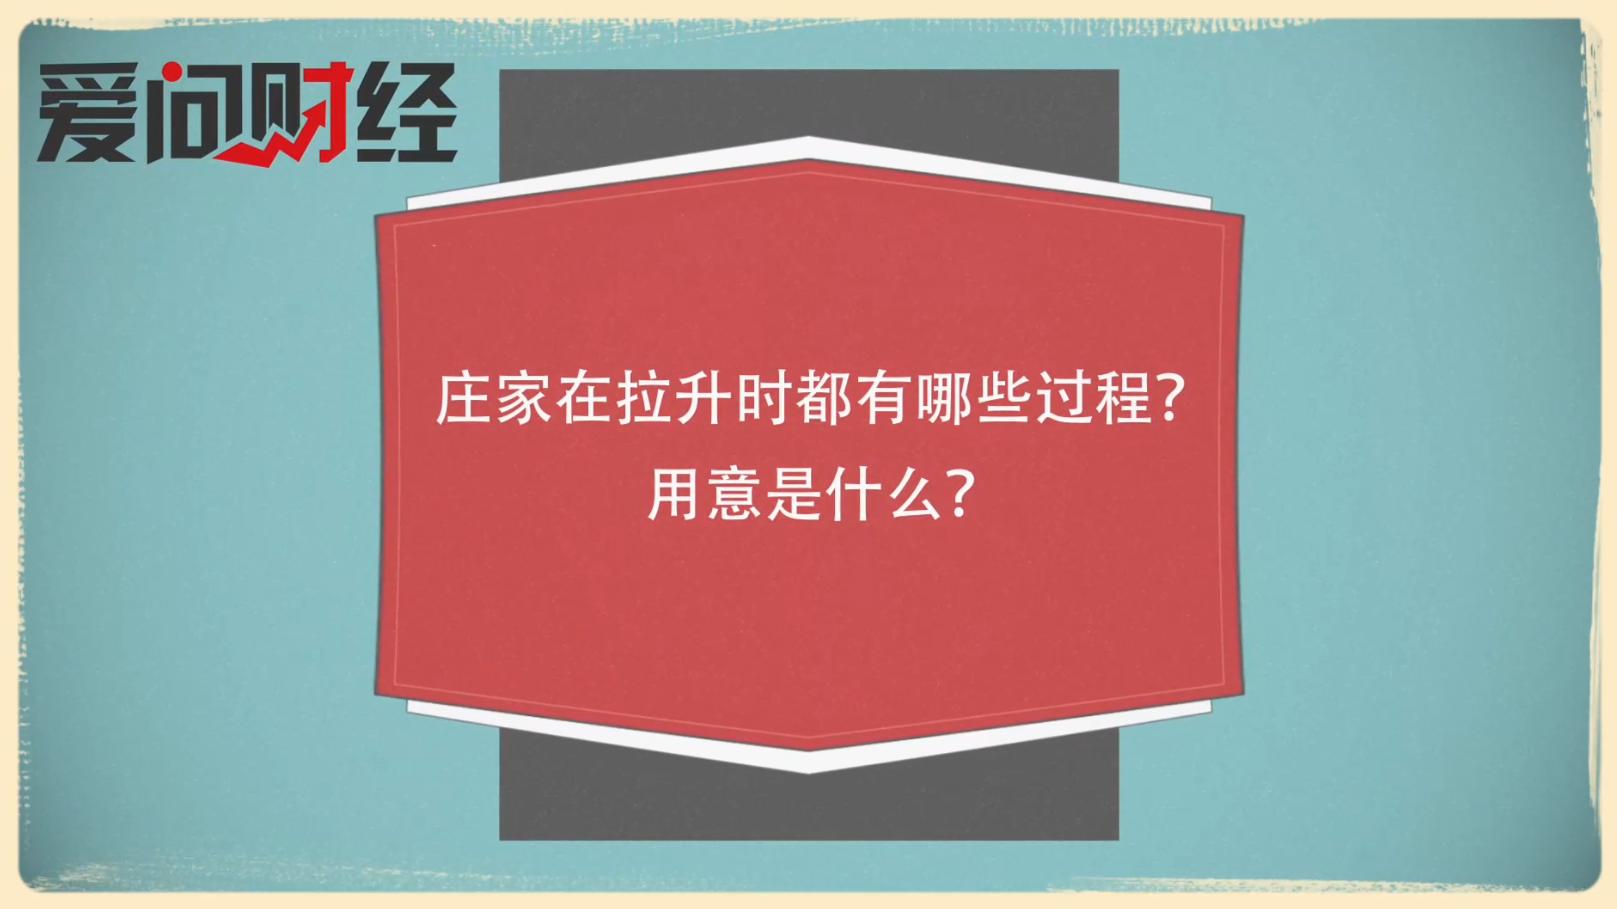 社会后备基金的一种,保险基金有哪四种形式?